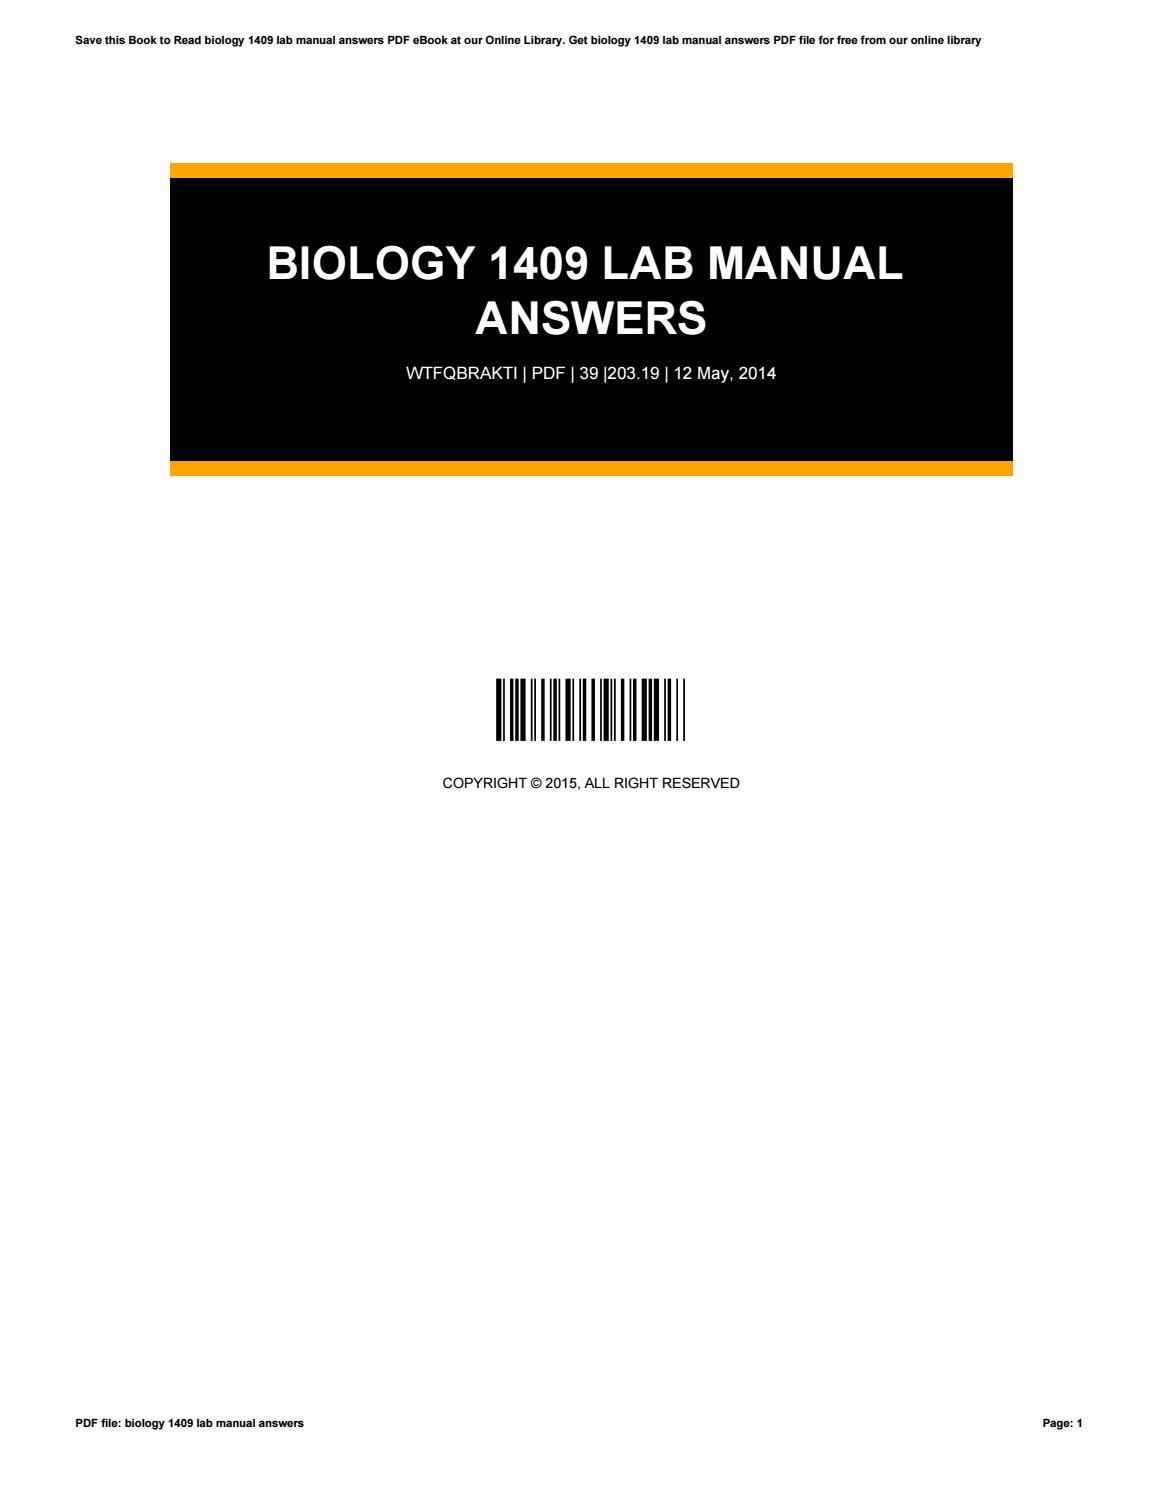 biology 1409 lab manual answers by lynnross2245 issuu rh issuu com